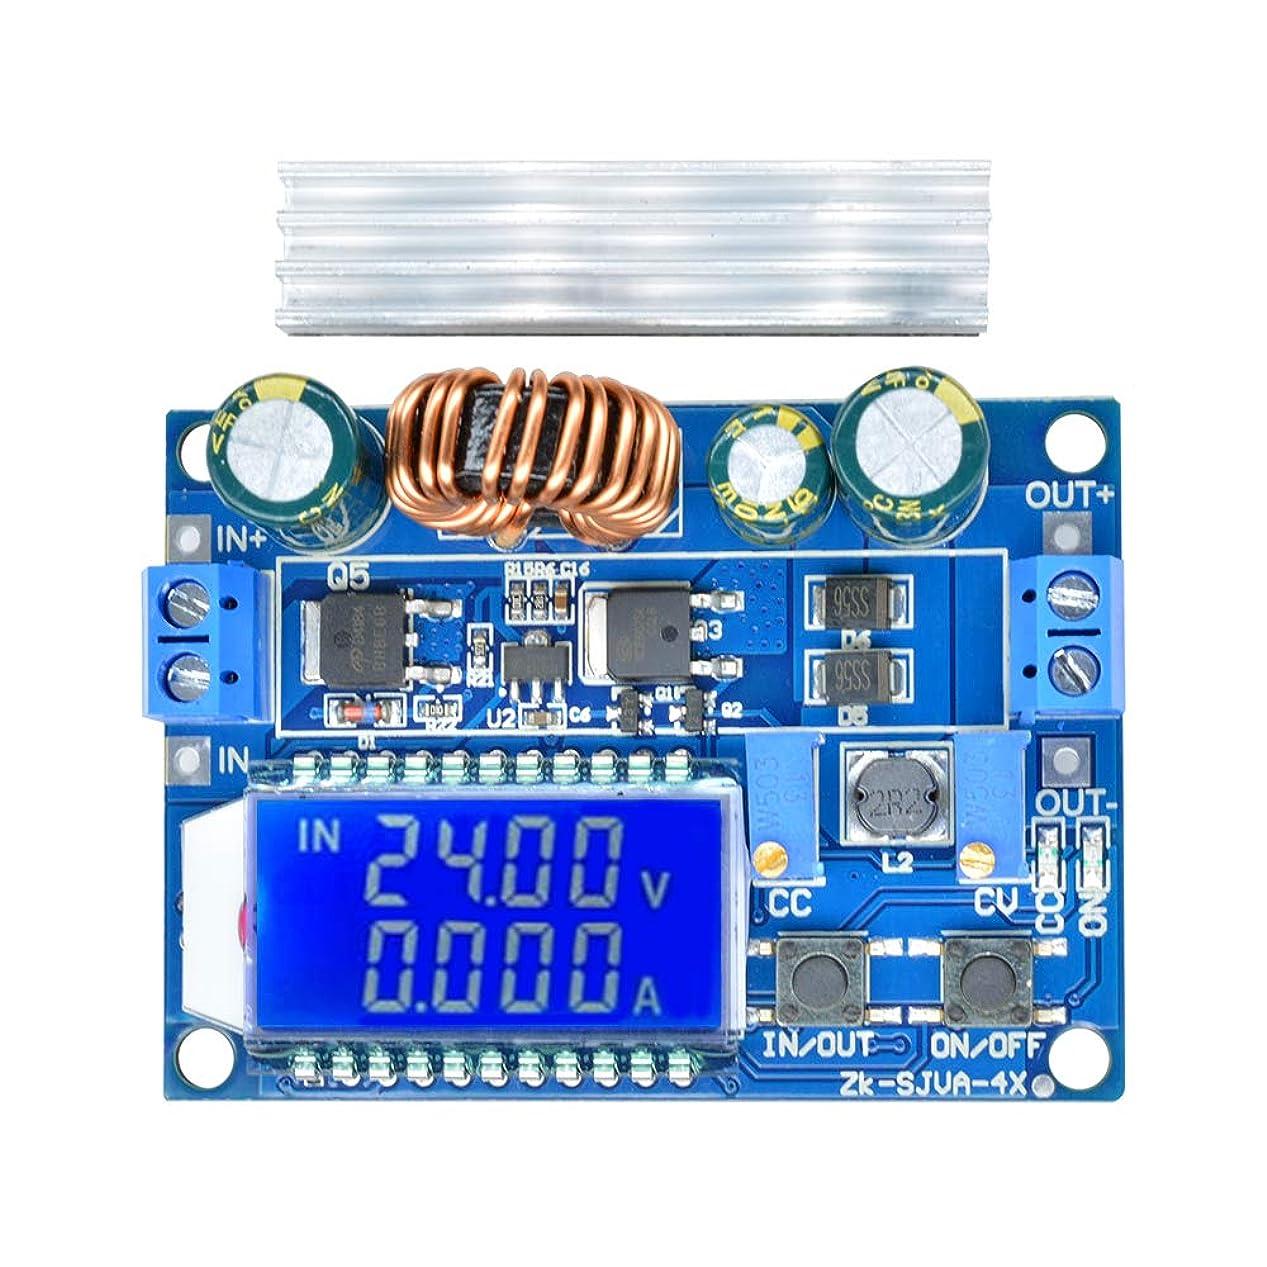 収束するガラスバレル昇降圧コンバータ DiyStudio 自動昇降圧ボード DC 5.5-30V 12V to DC 0.5-30V 5v 24v 調整可能な定電流電圧 ステップアップ電圧レギュレータ 4A 35W 電源モジュール